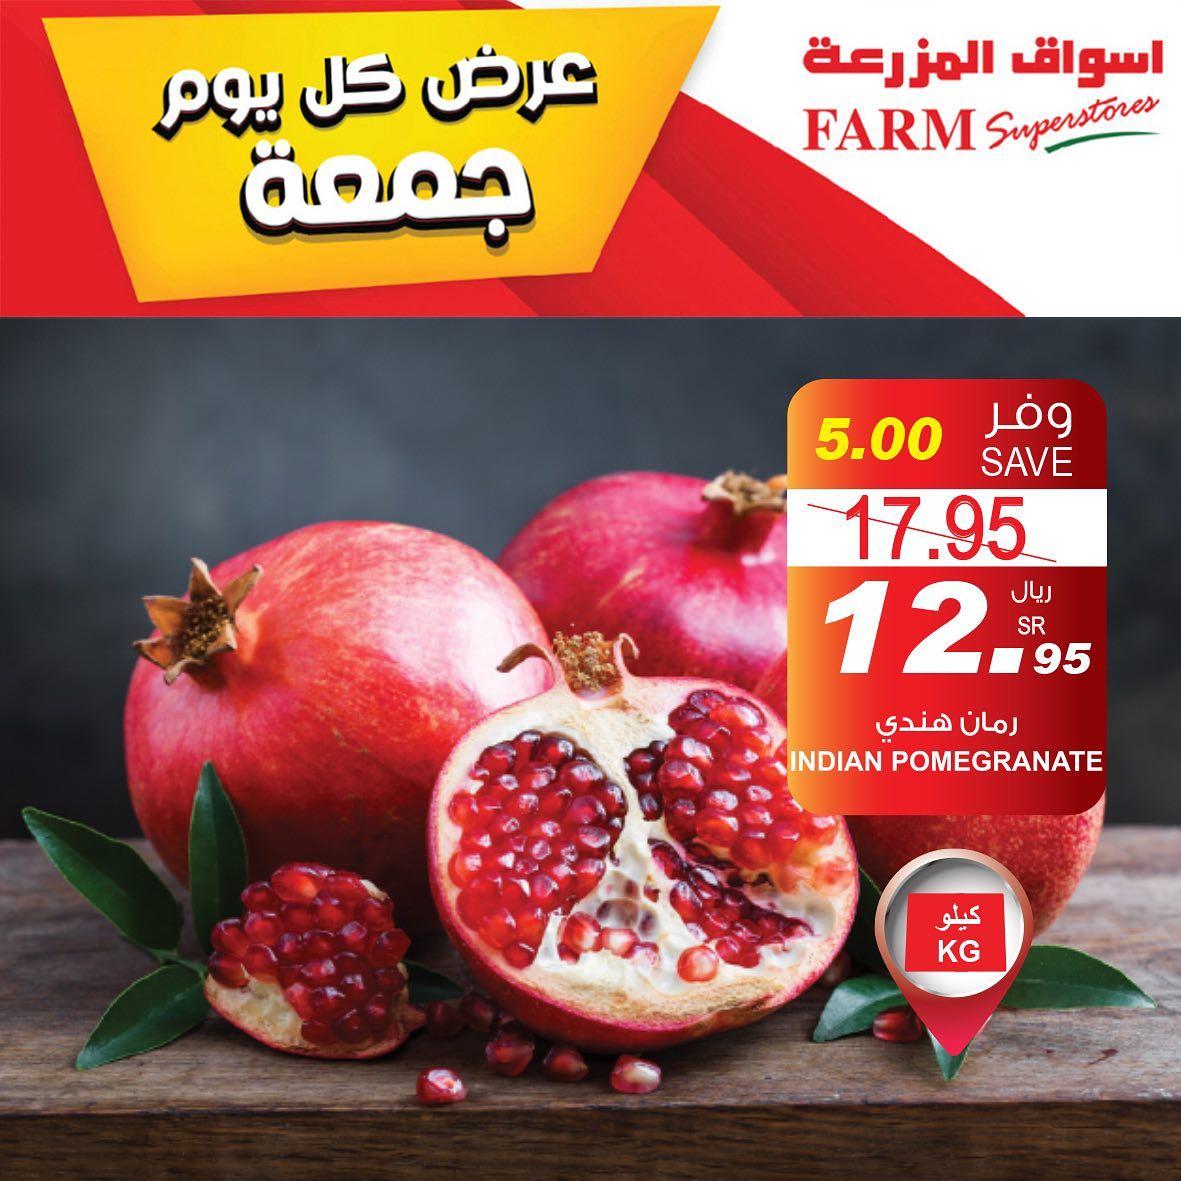 عروض اسواق المزرعة الرياض و الشرقية و عرعر اليوم الجمعة 6 اغسطس 2021 سوق الجمعة